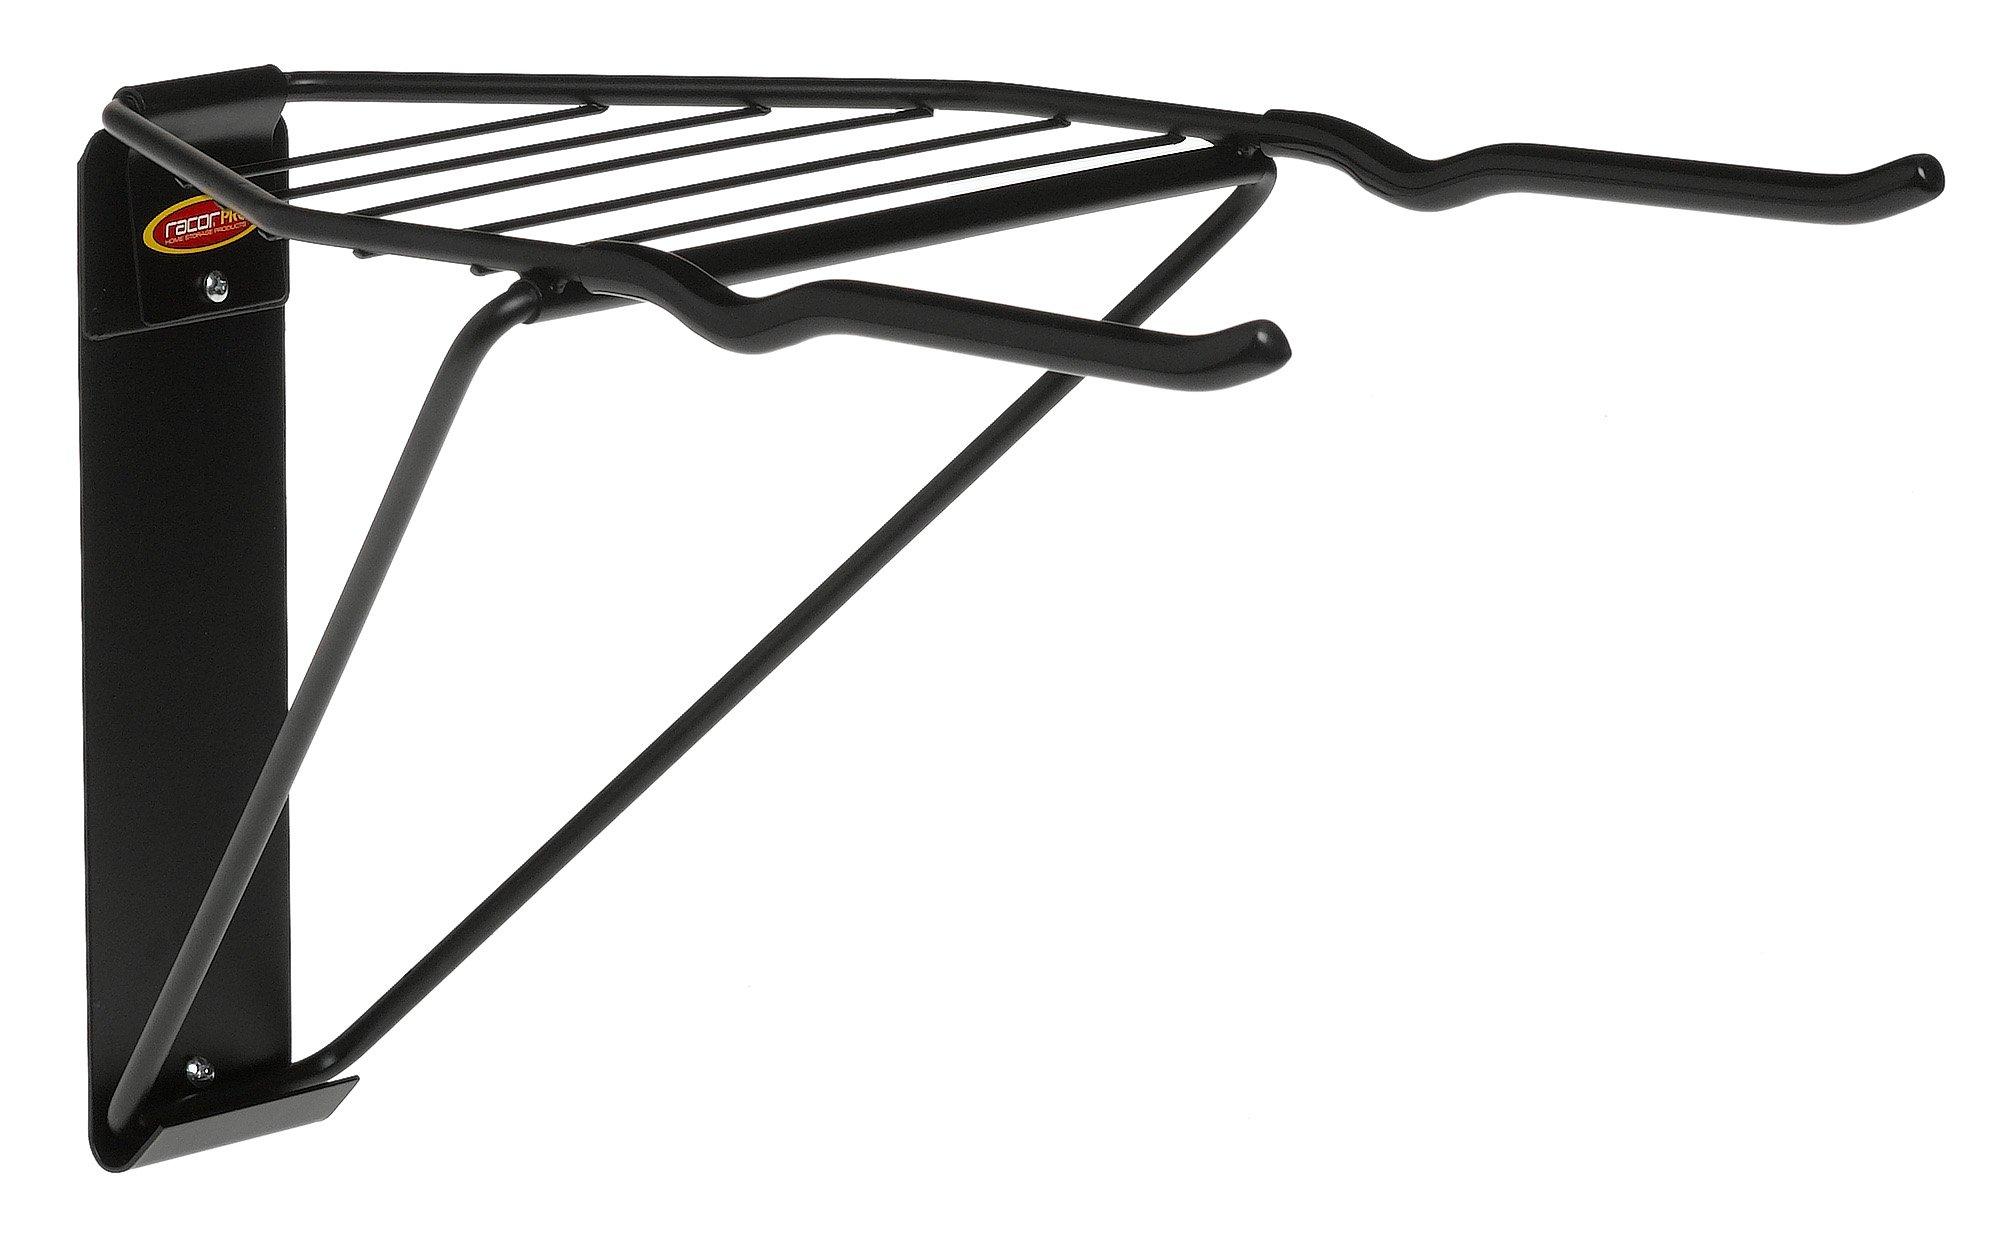 Racor Pro PSB-2L Double Folding Bike Rack